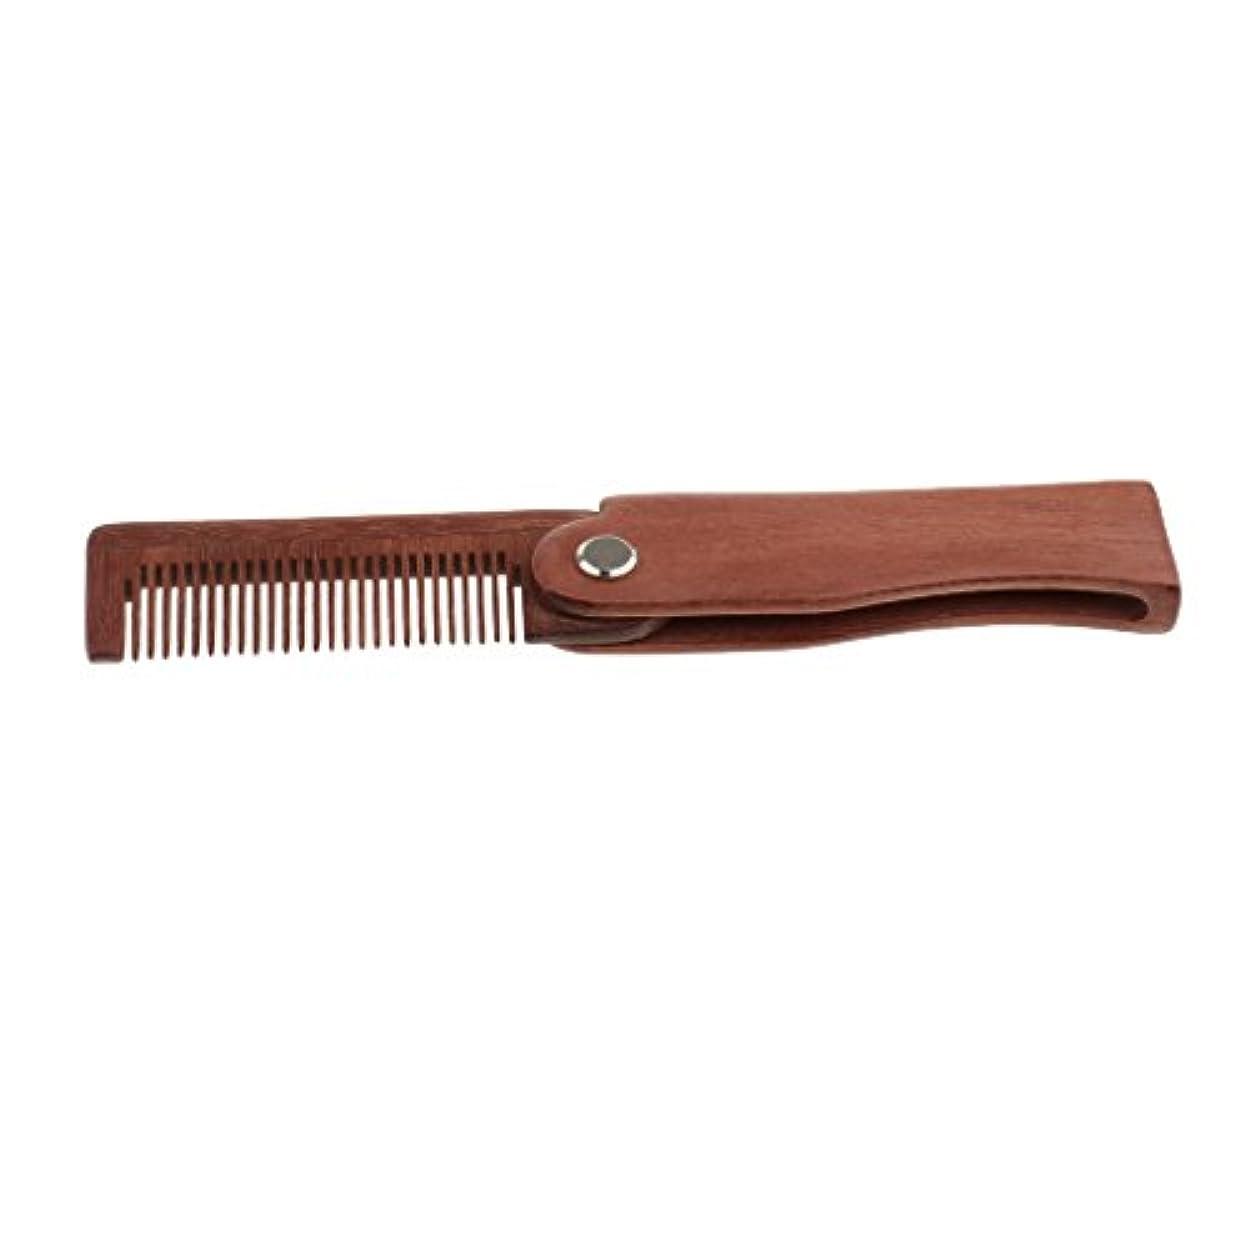 放つ応じる簡略化する折り畳み 毛ひげの櫛 ブラシ 木製 ひげ剃り櫛 男性 旅行 外出 便利グッズ ポケットサイズ